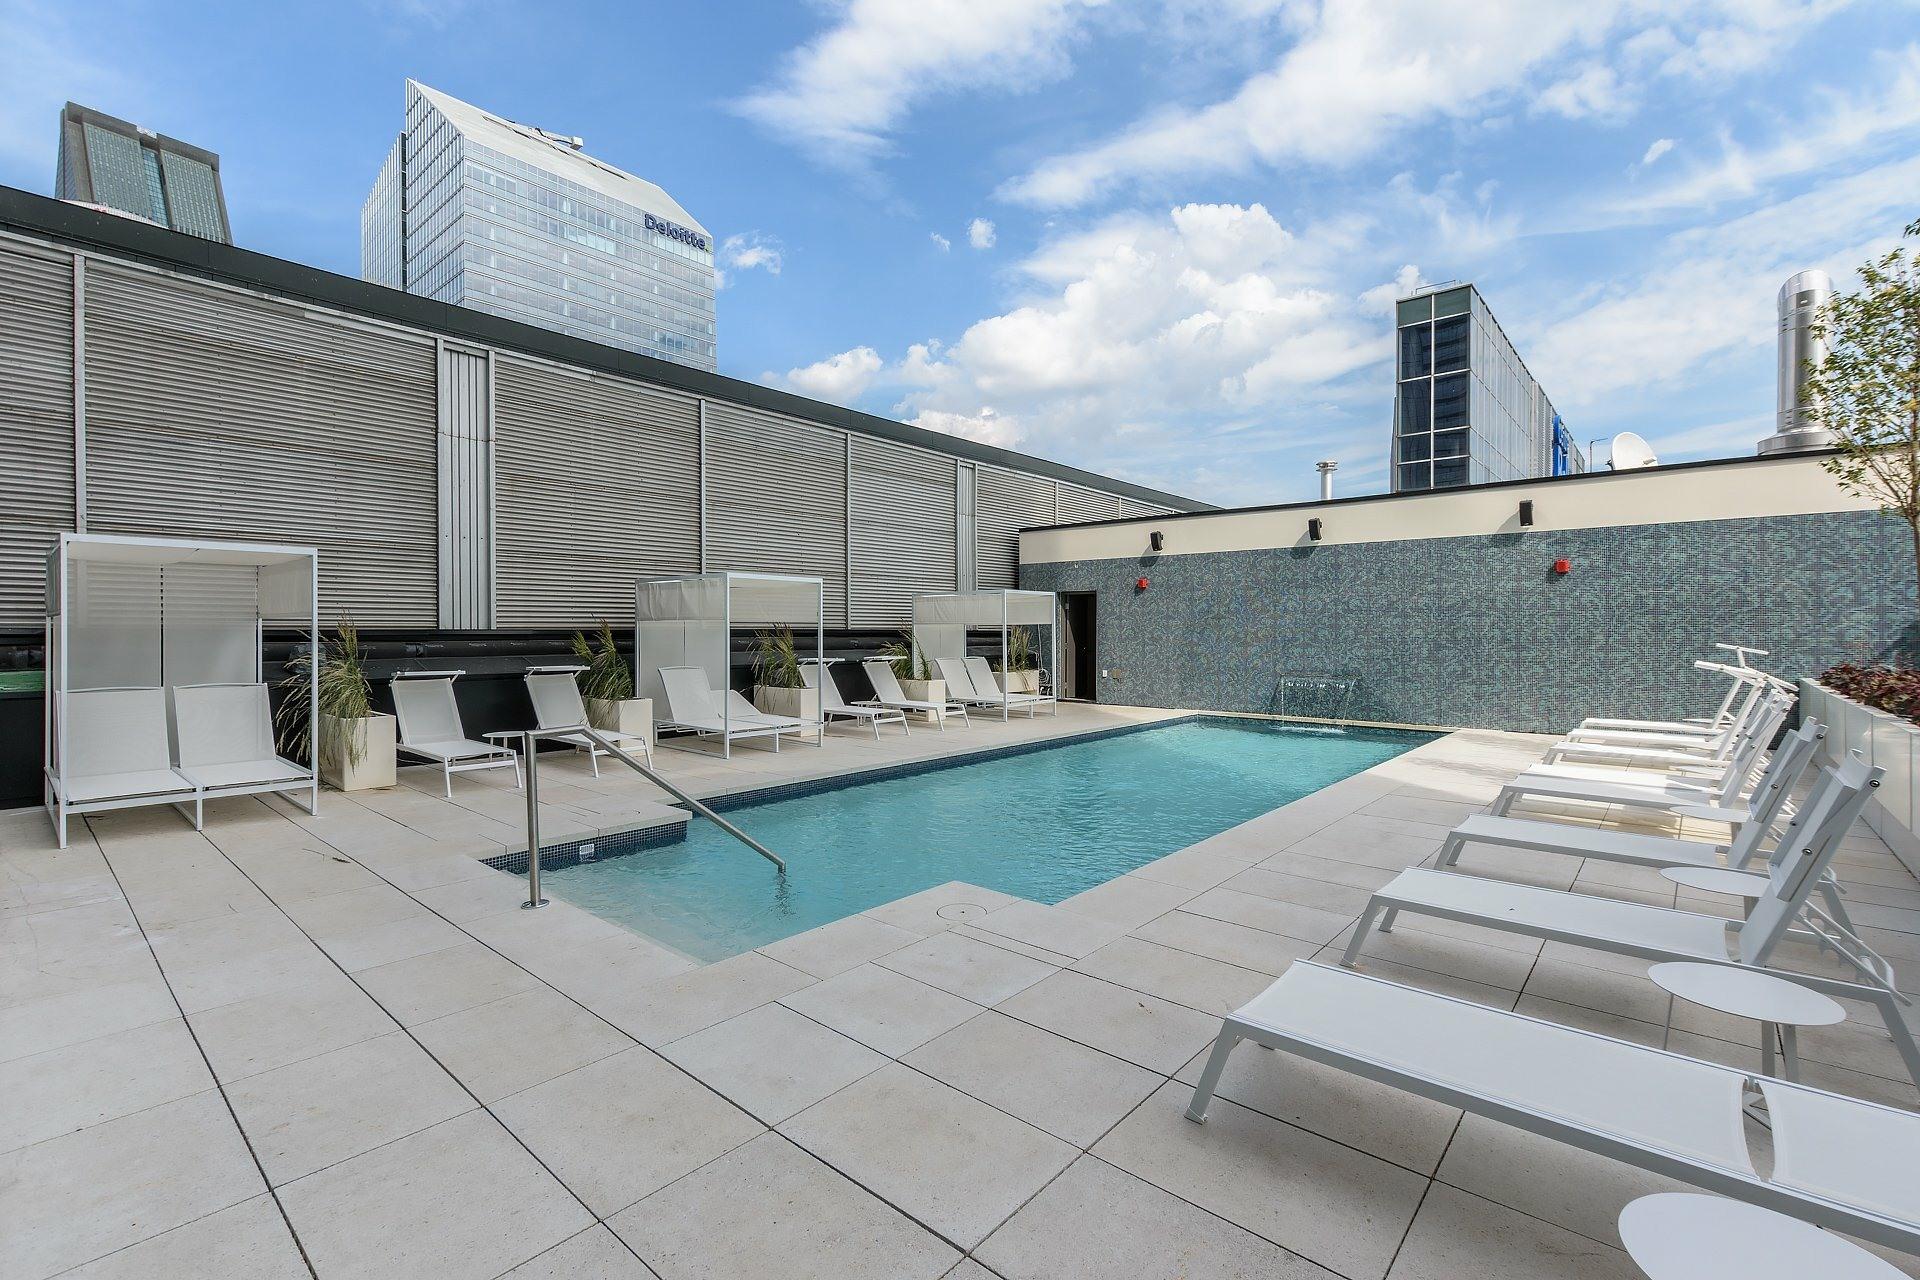 image 22 - Apartment For rent Ville-Marie Montréal  - 4 rooms